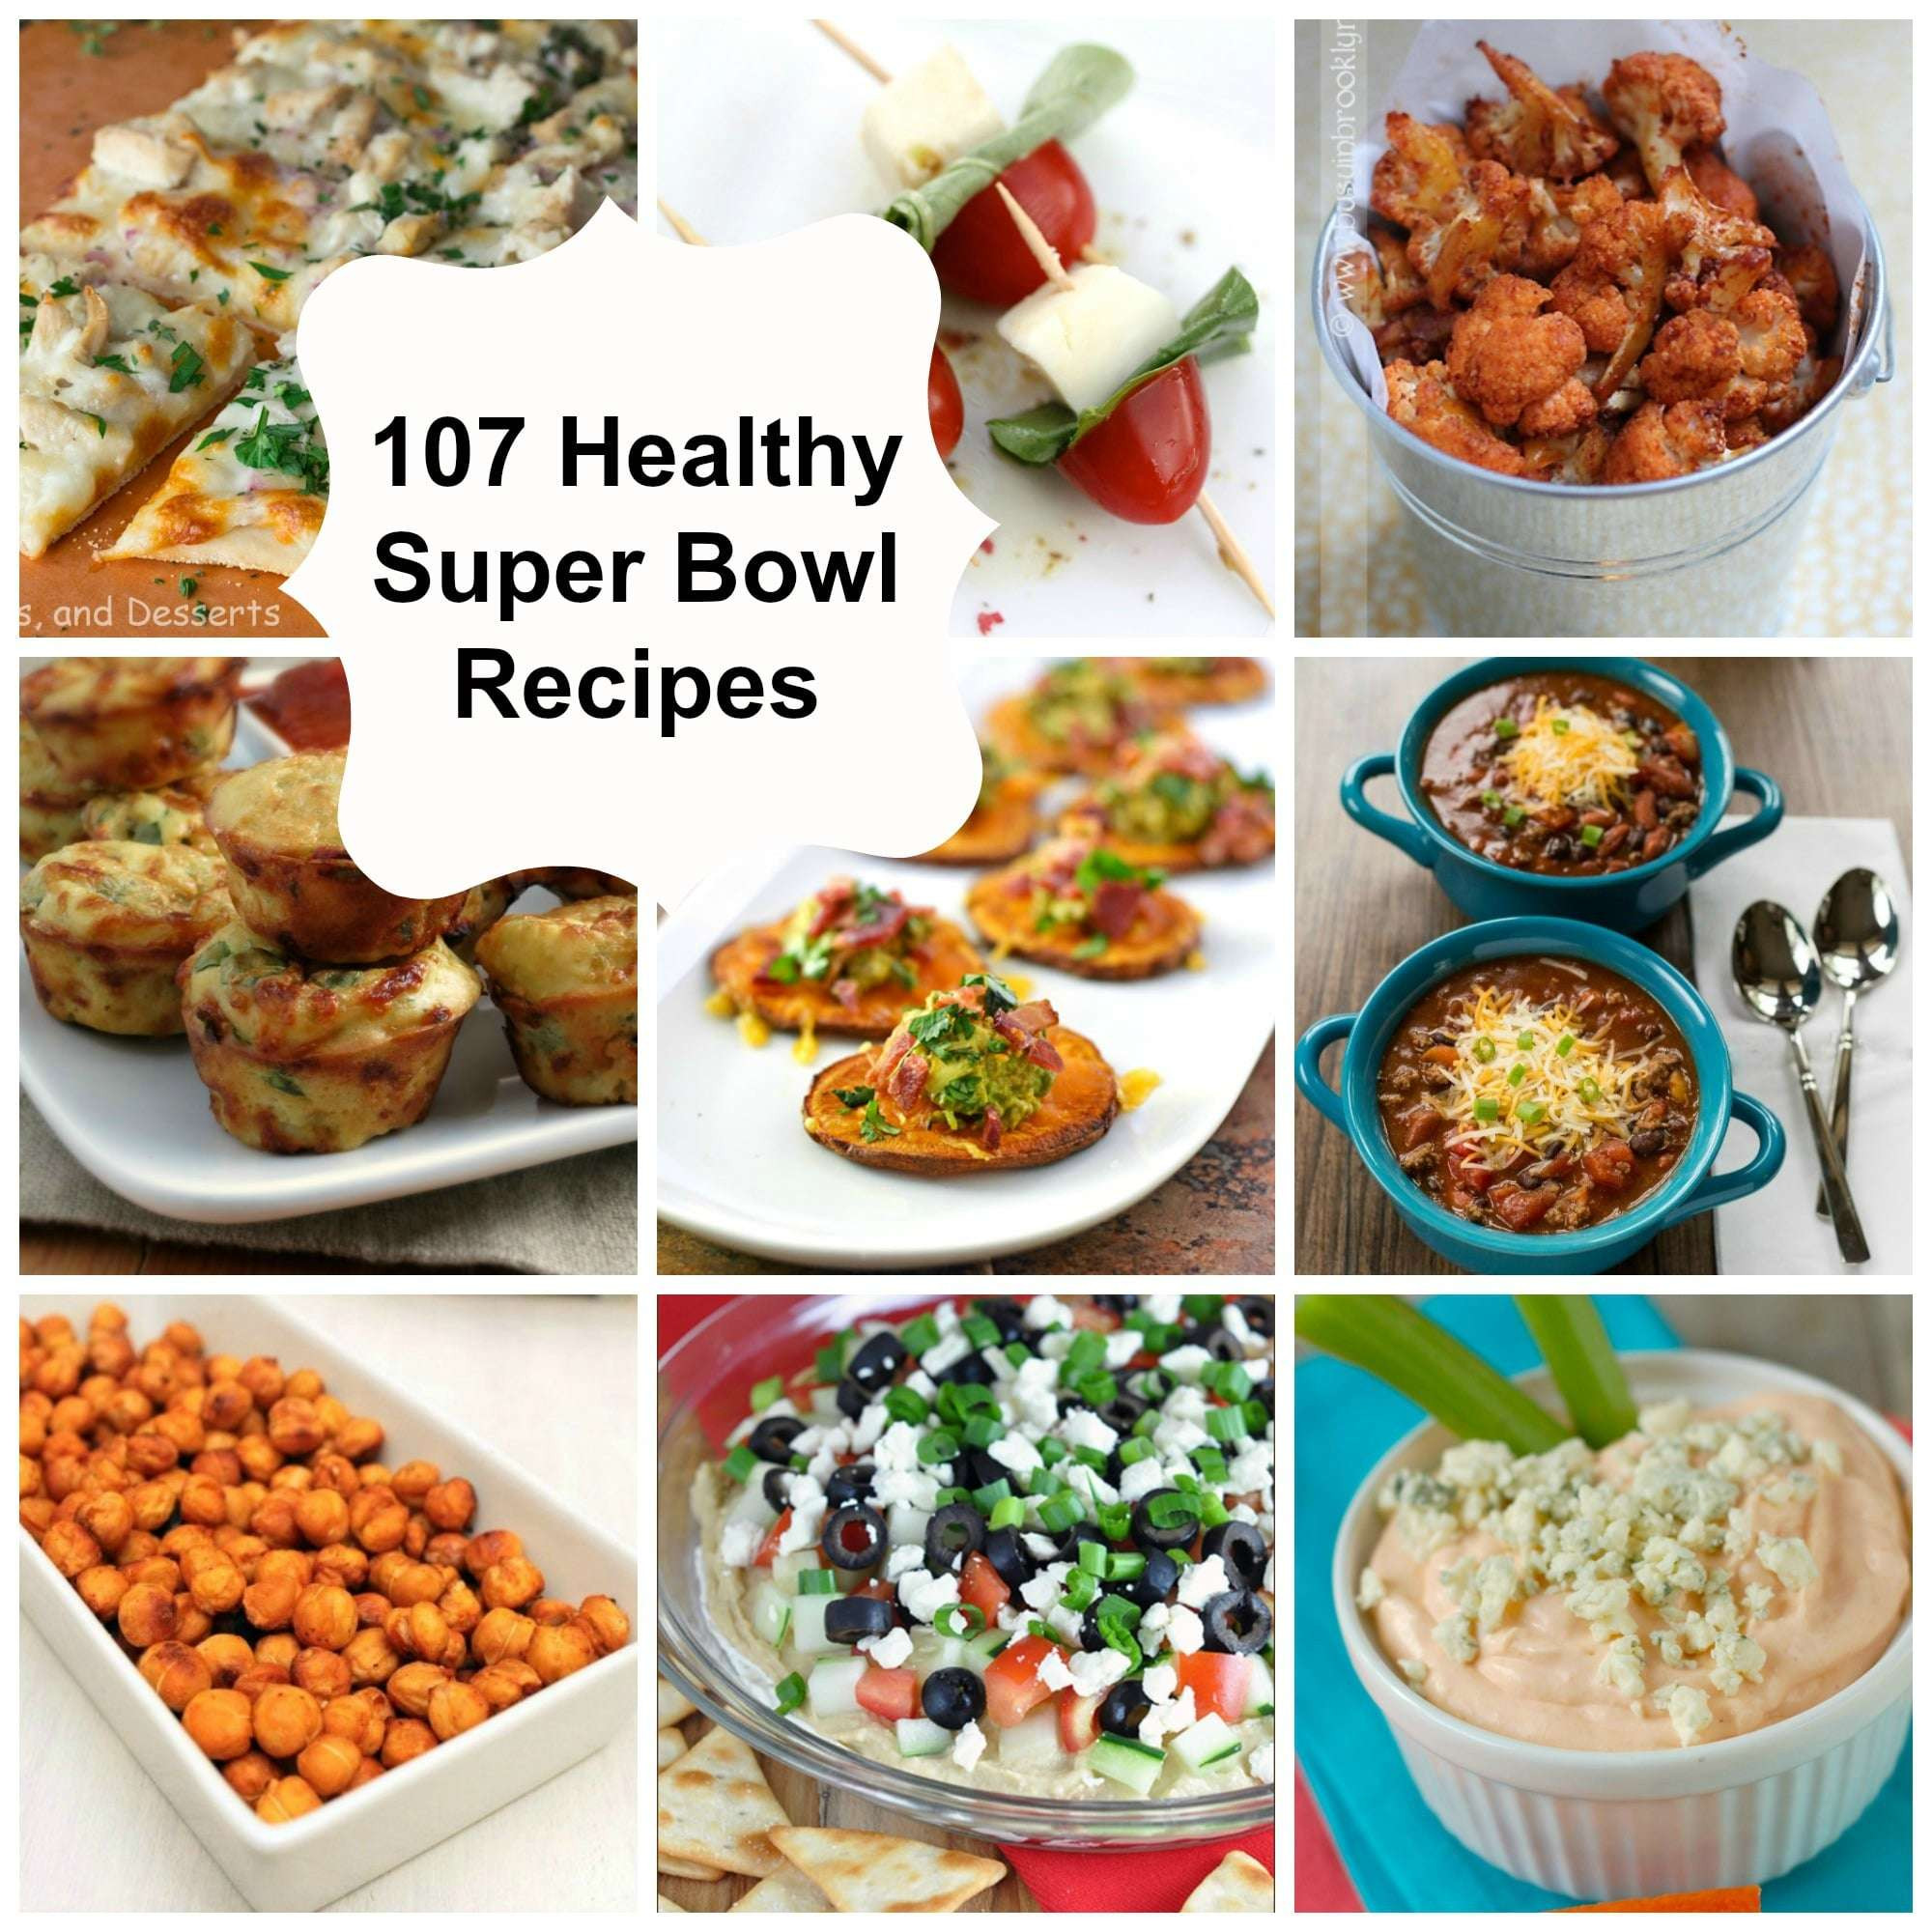 Super Bowl Recipes Healthy  107 Healthy Super Bowl Recipes A Cedar Spoon